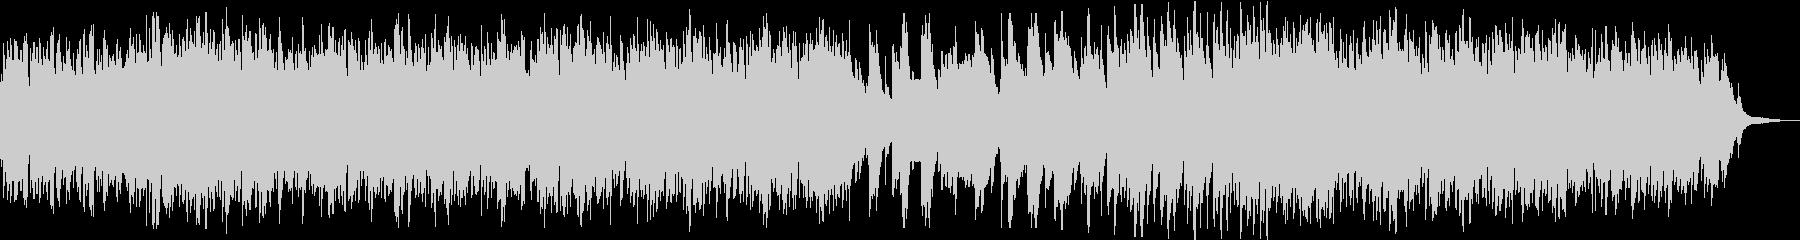 ゆったりと落ち着いたピアノソロ曲の未再生の波形